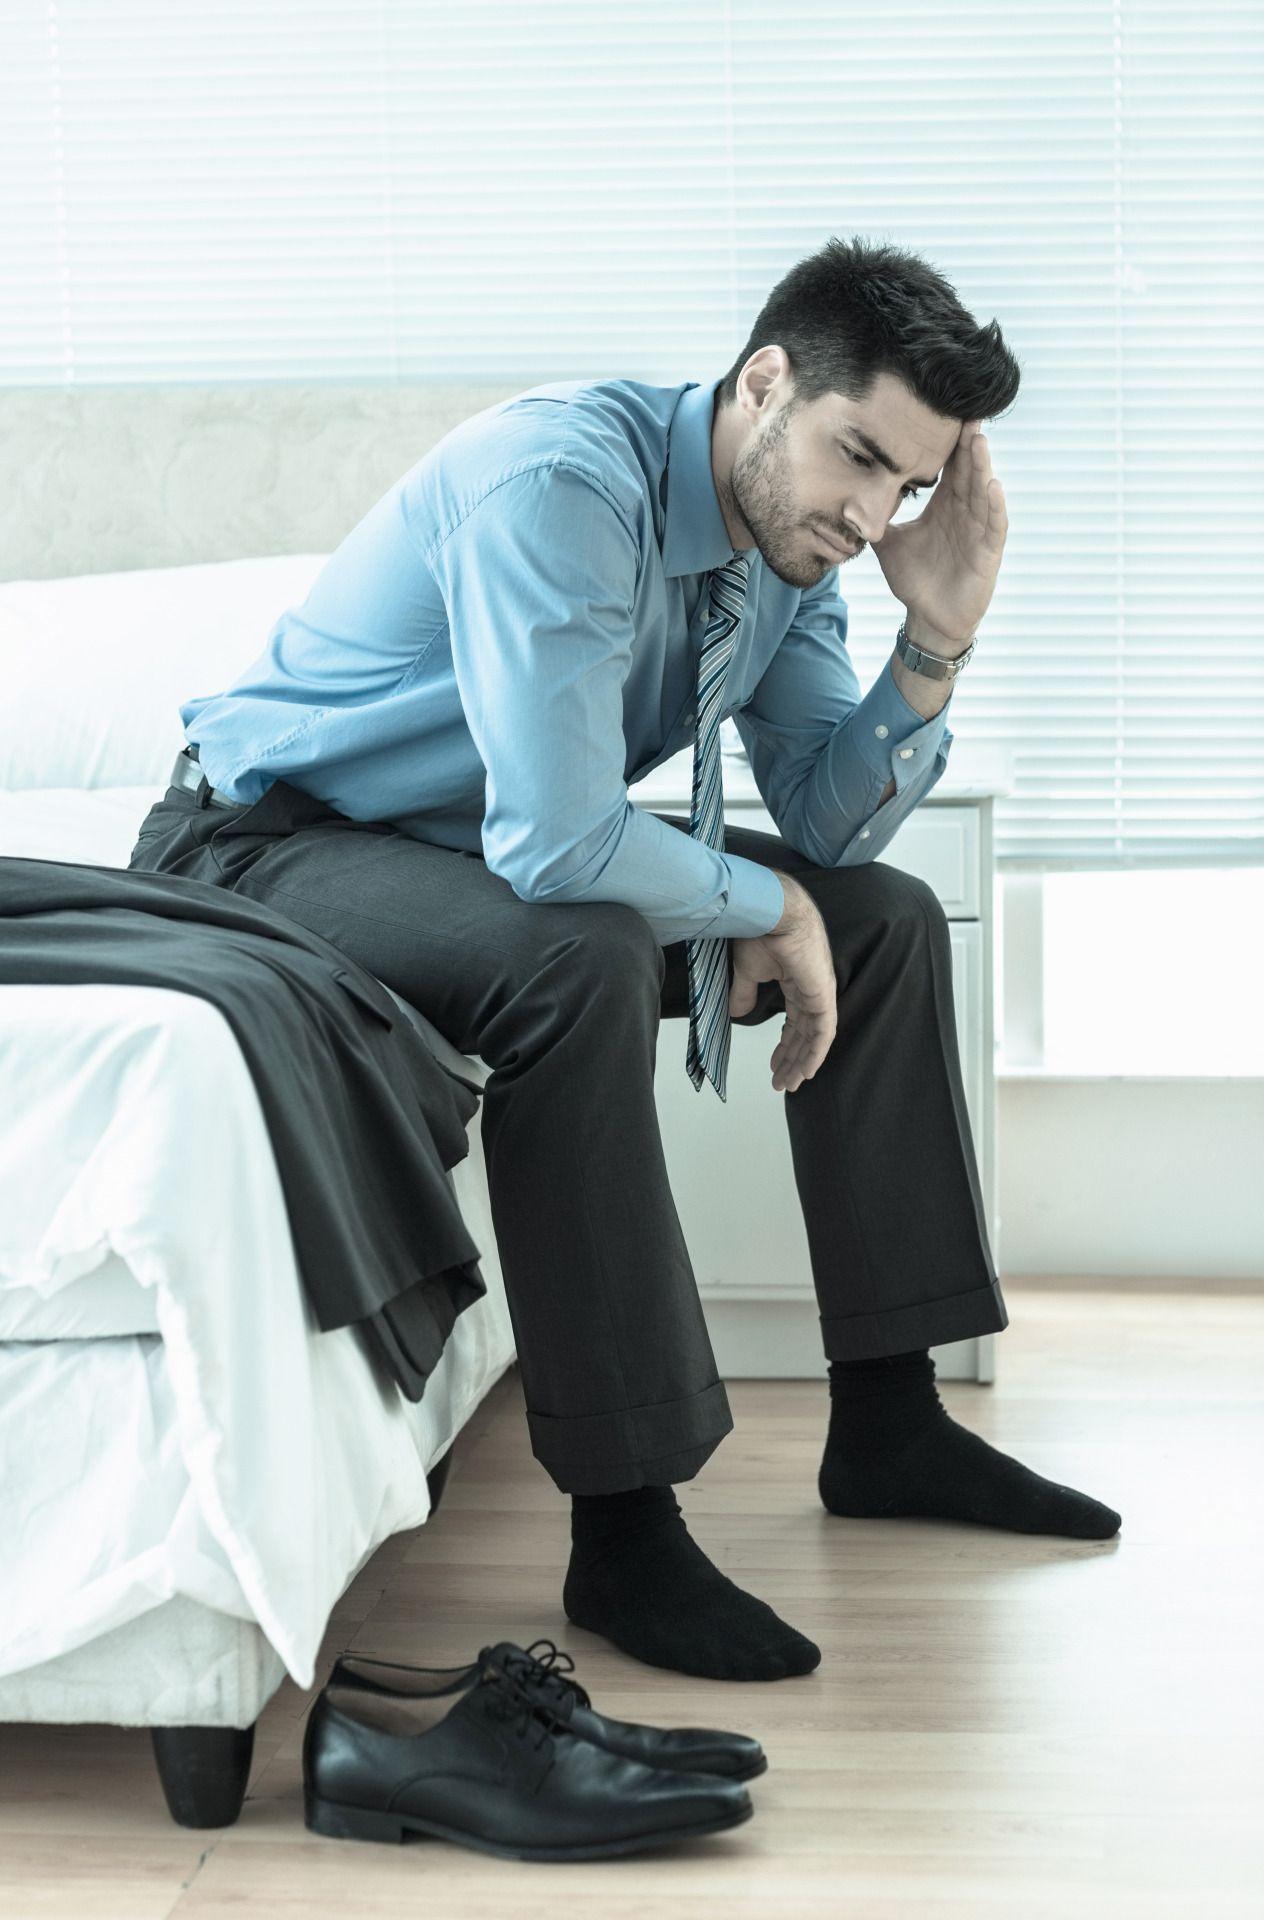 women-nude-gay-men-in-black-socks